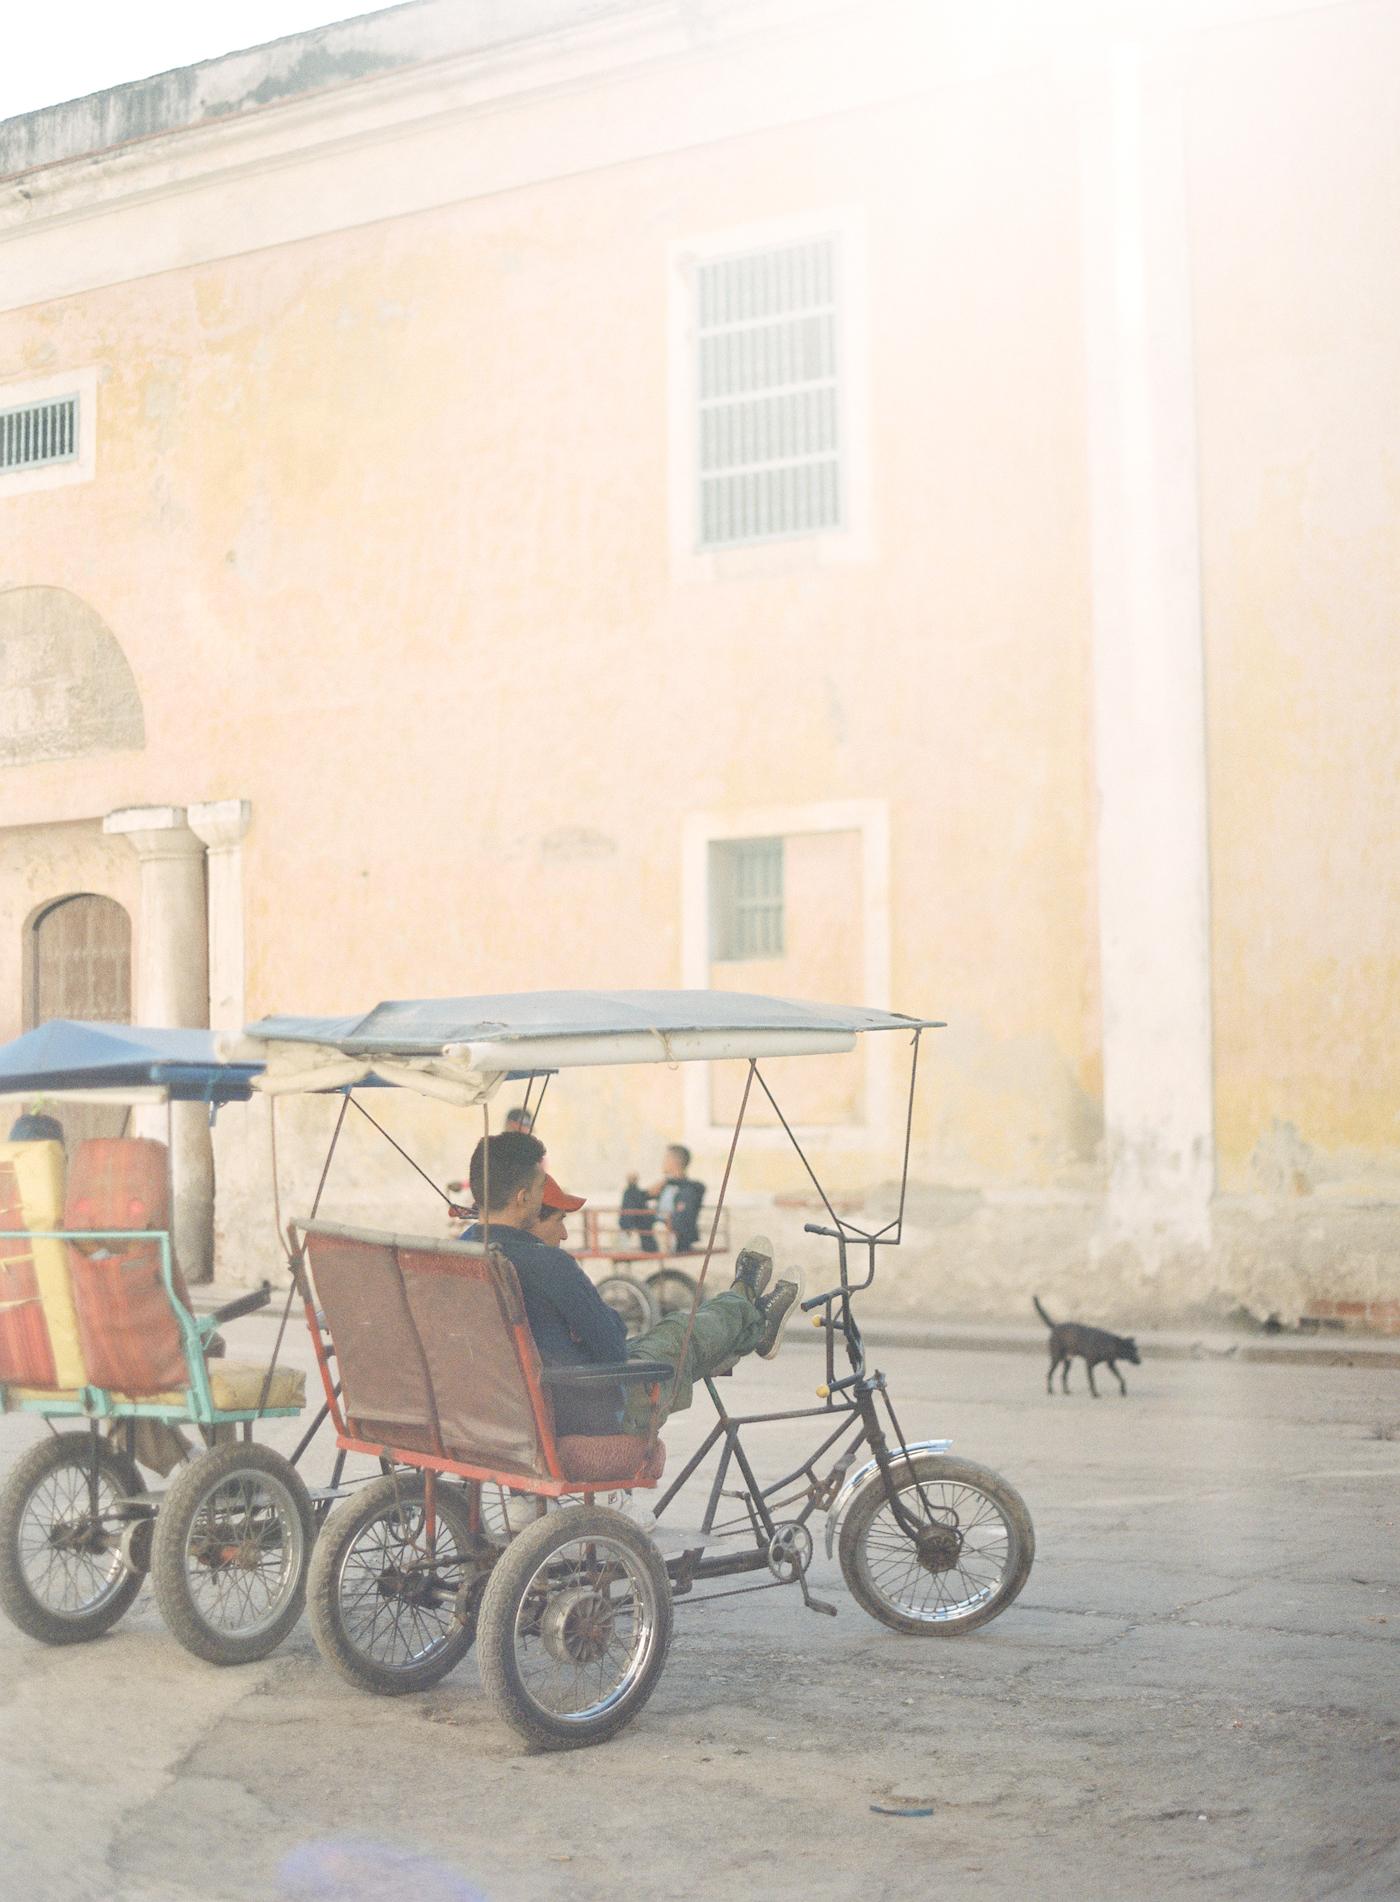 JenHuang-Cuba2016-8-009437-R1-009.jpg